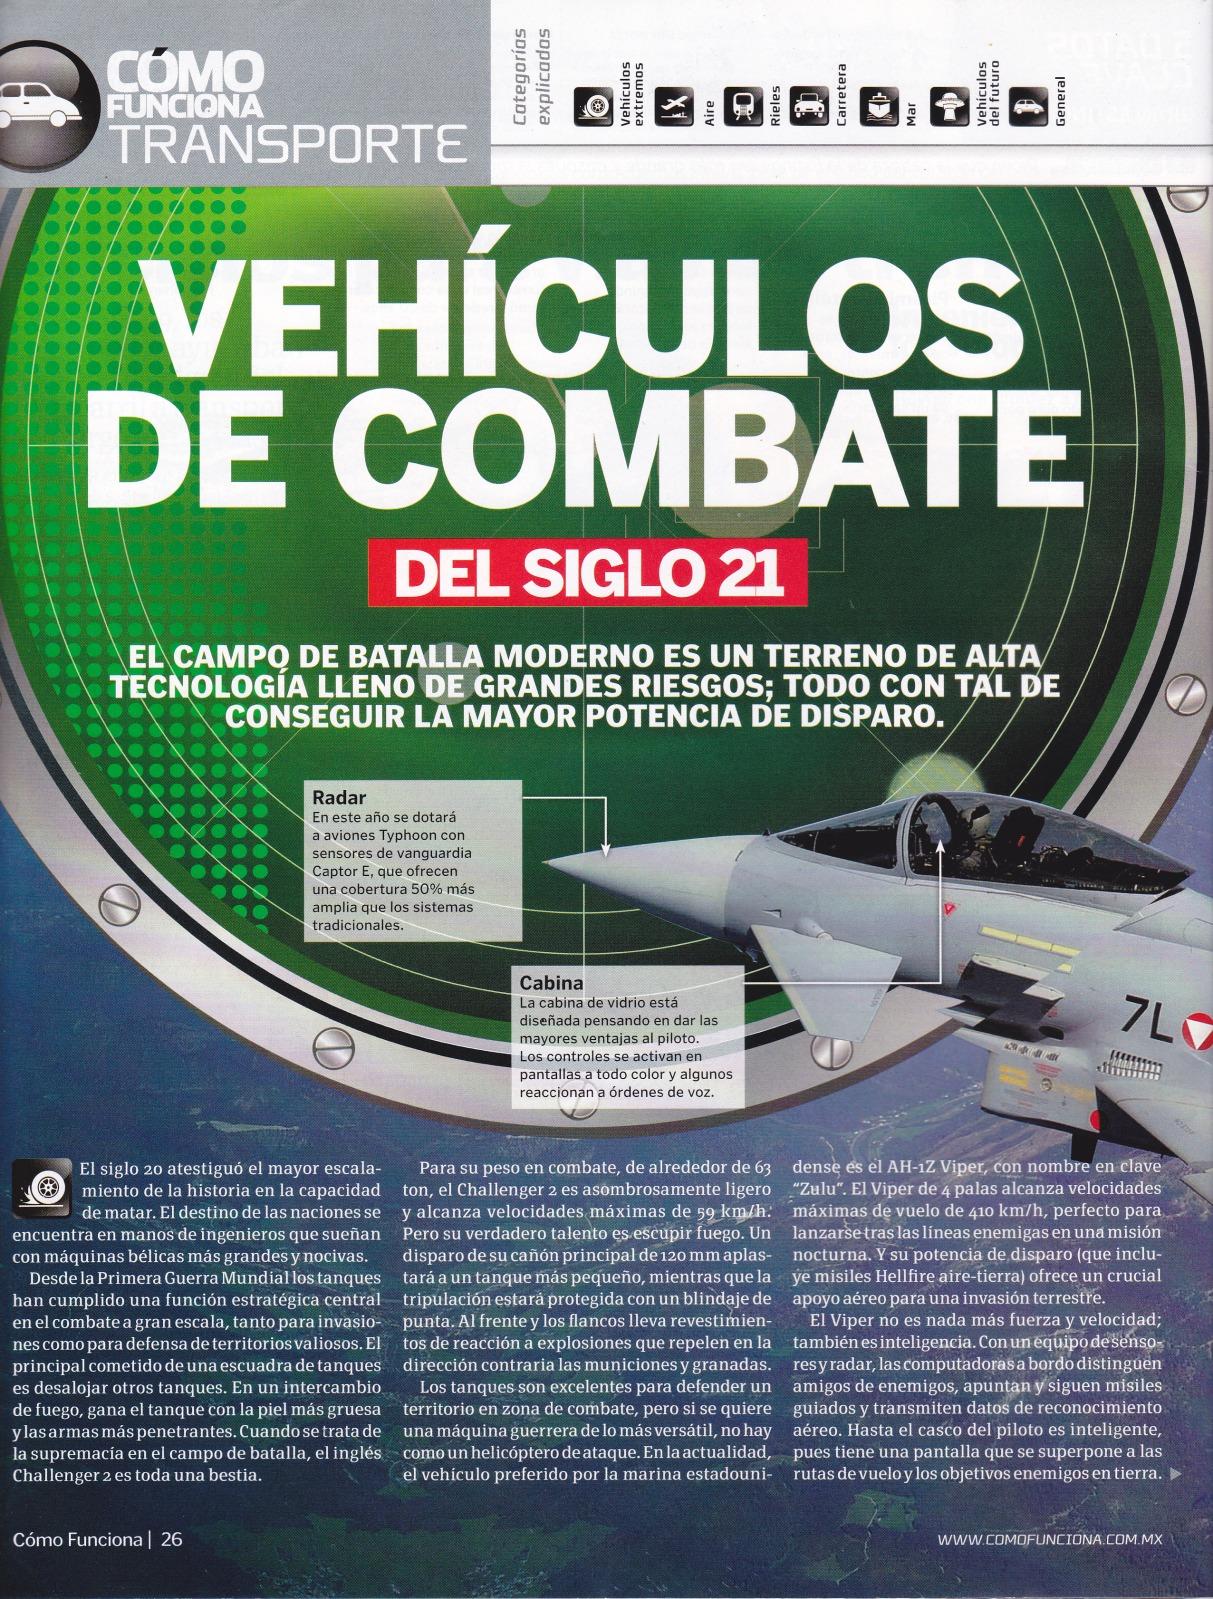 Vehículos de Combate del siglo XXI 4tu1xf